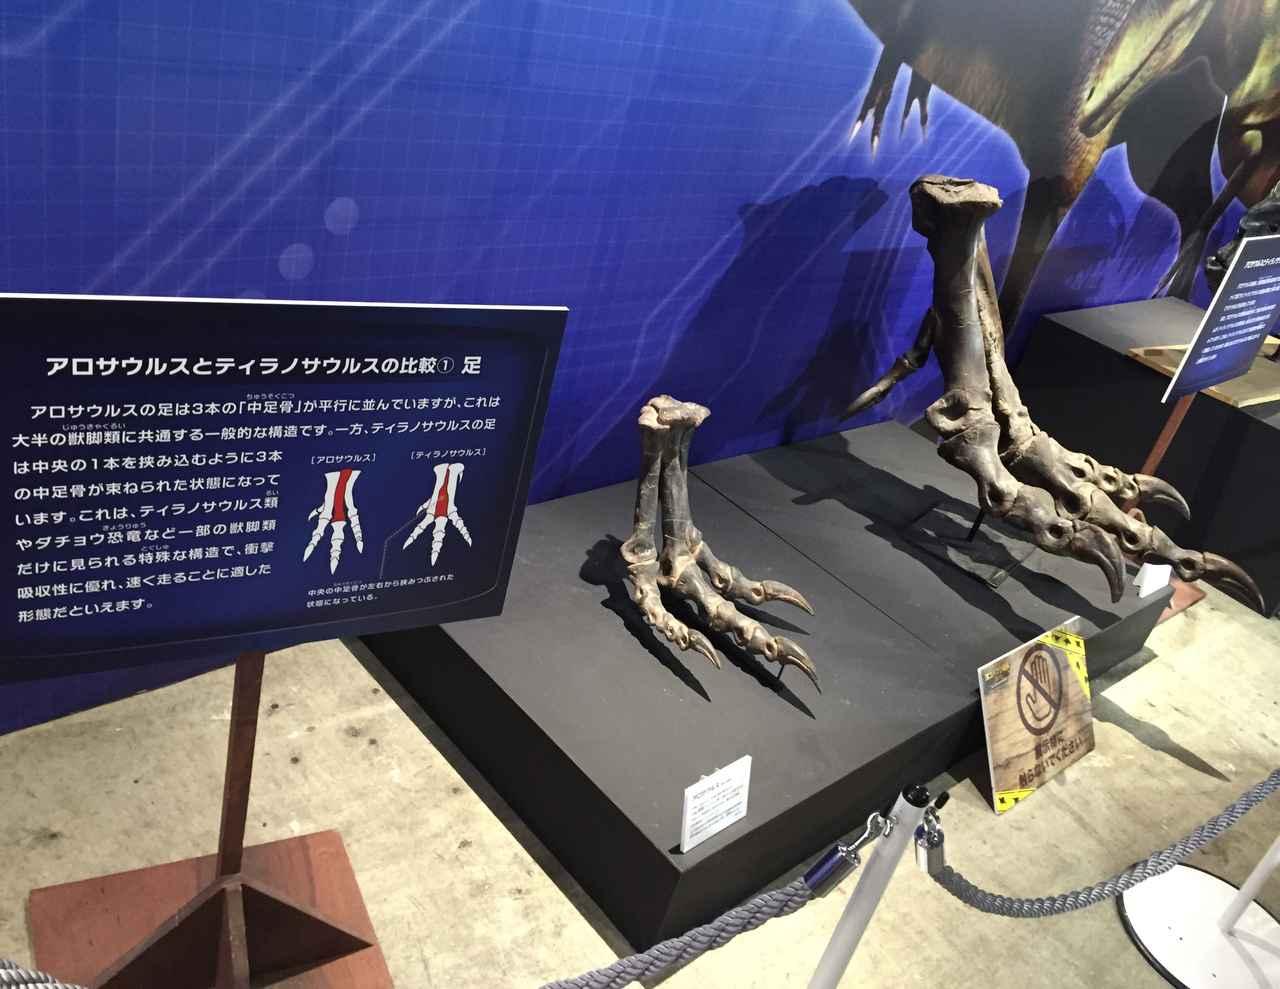 画像8: ティラノサウルスなど足の速い恐竜の中足骨に注目してみよう!アークトメタターサルネイル